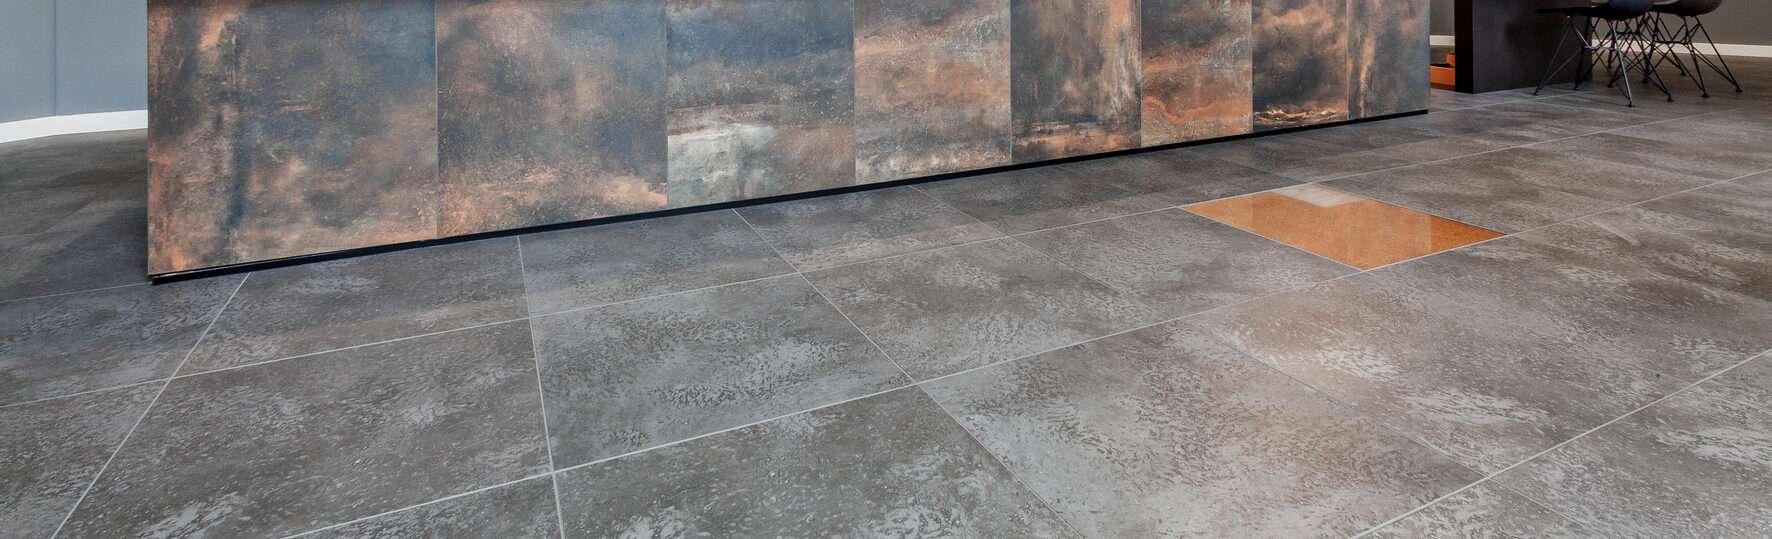 Ausstellung Witterschlick - DryTile Boden 1